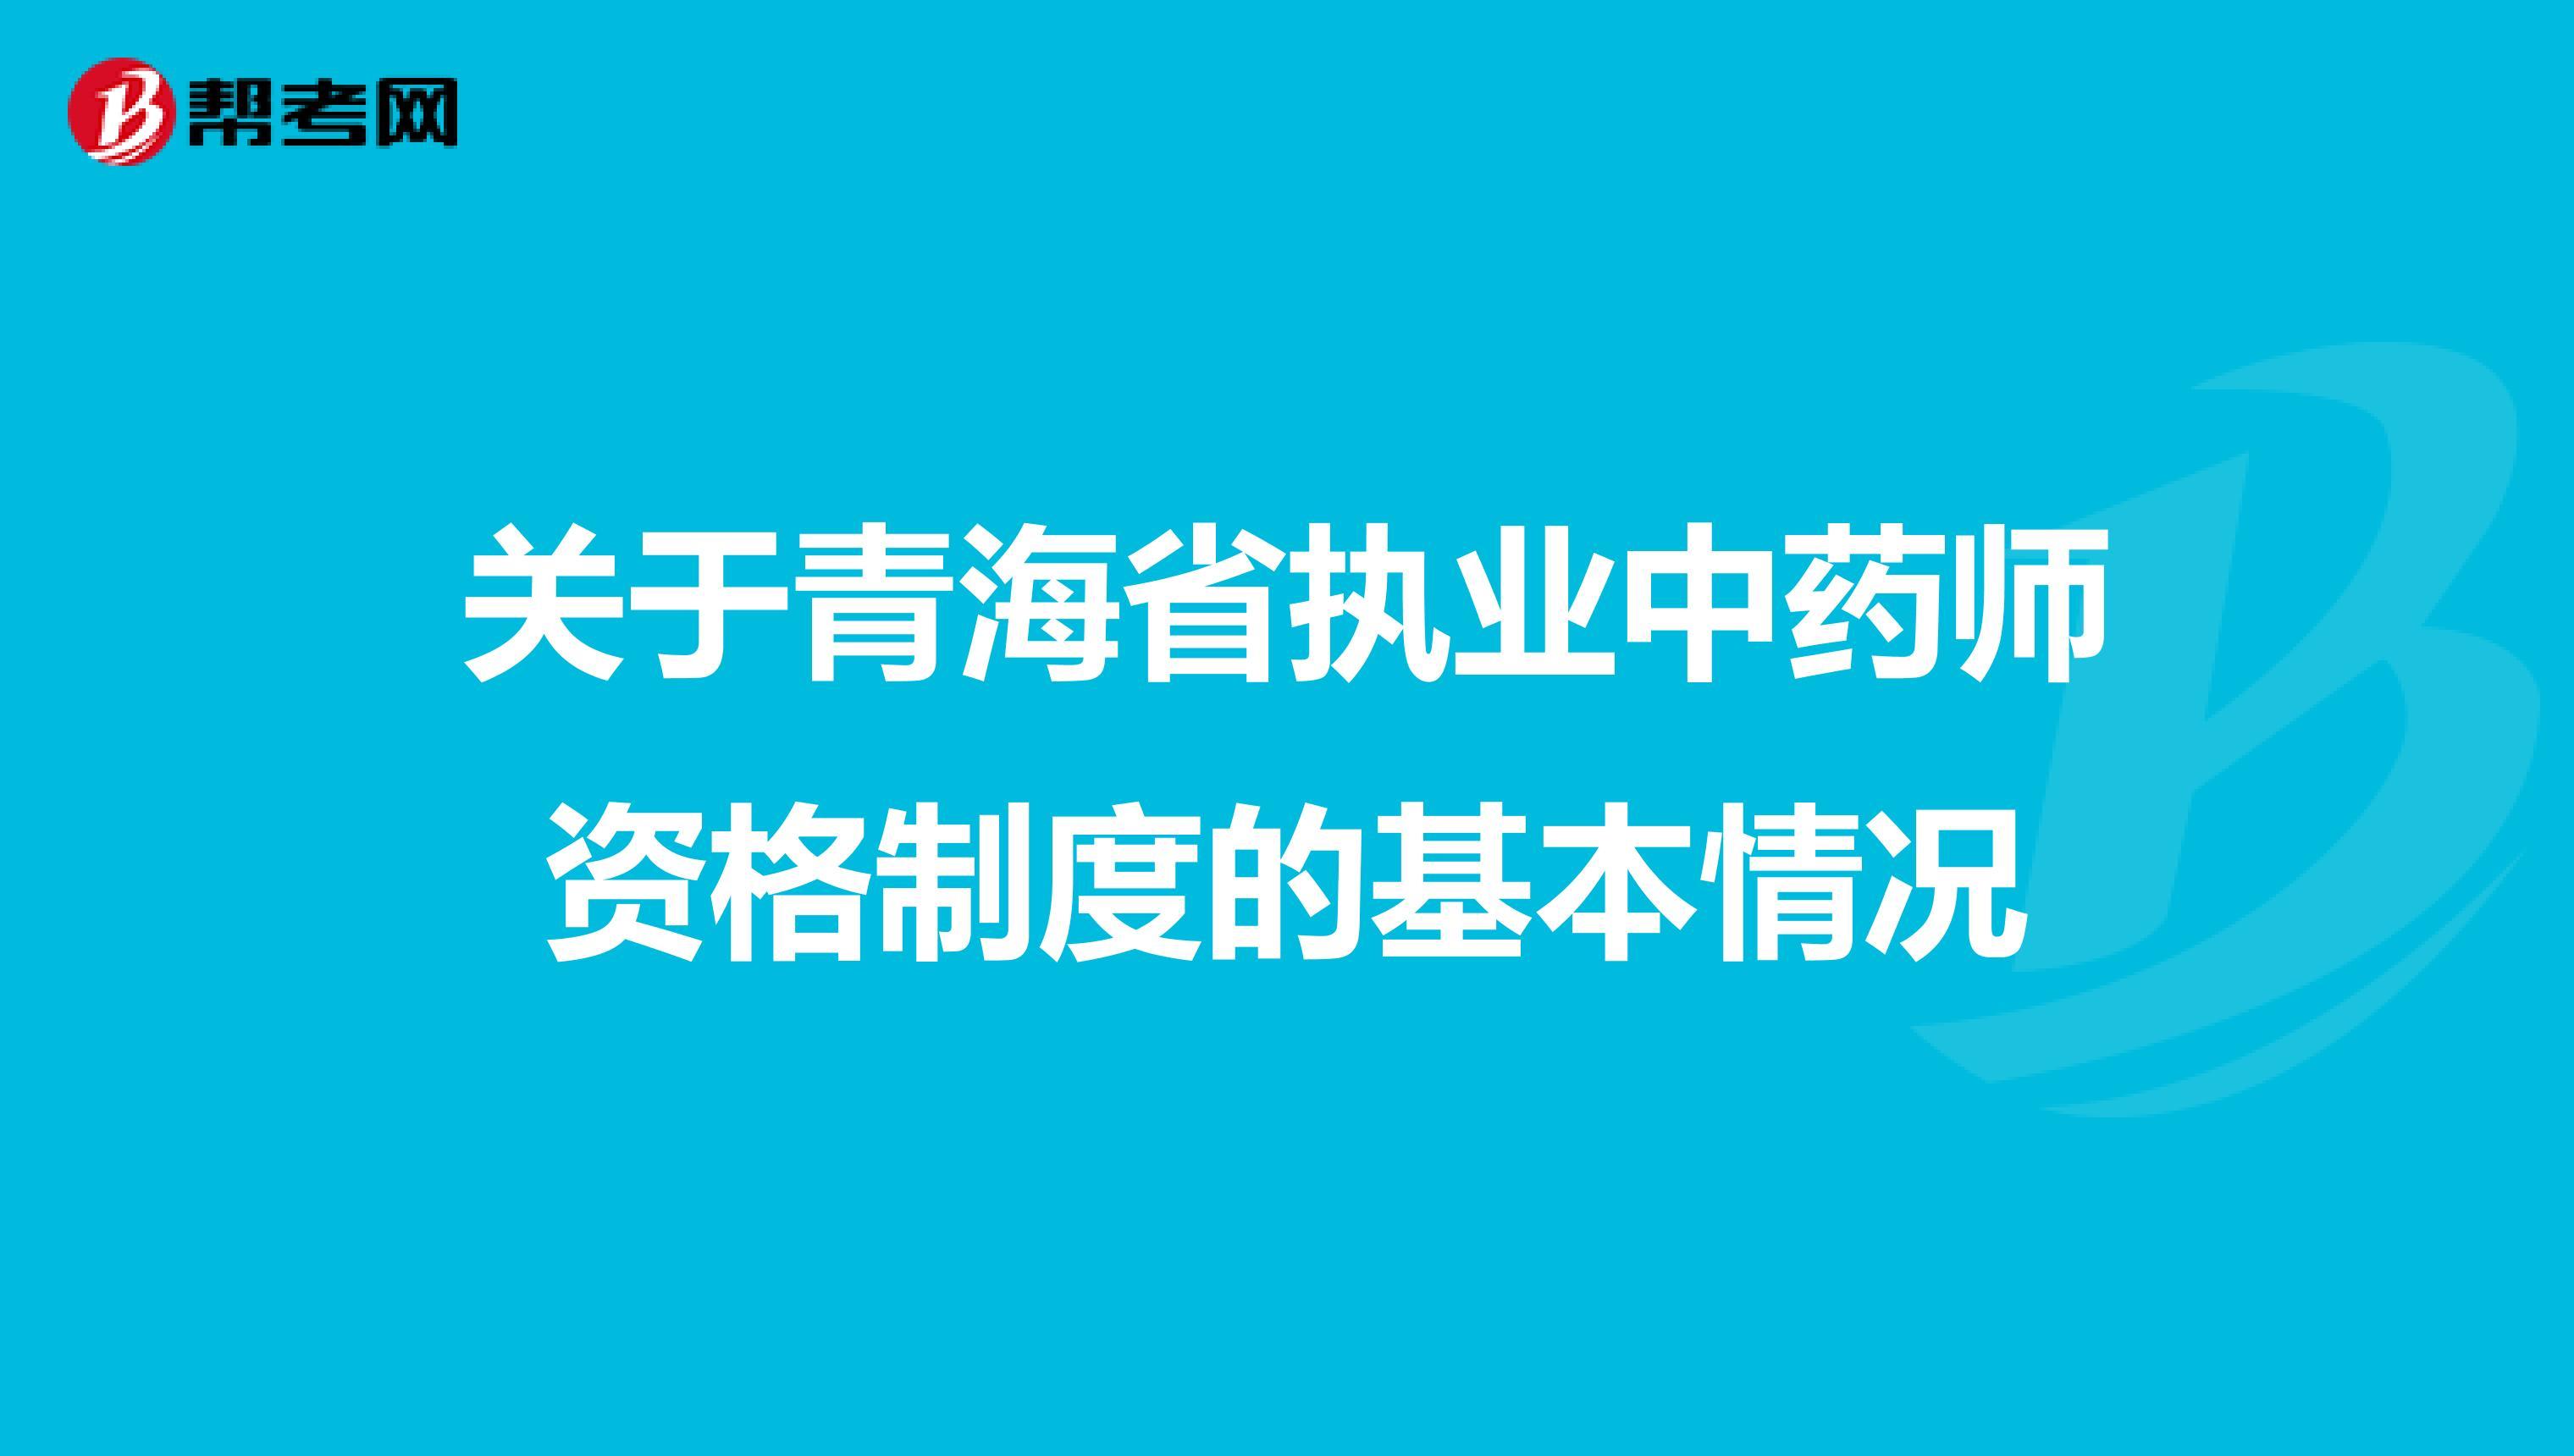 關于青海省執業中藥師資格制度的基本情況